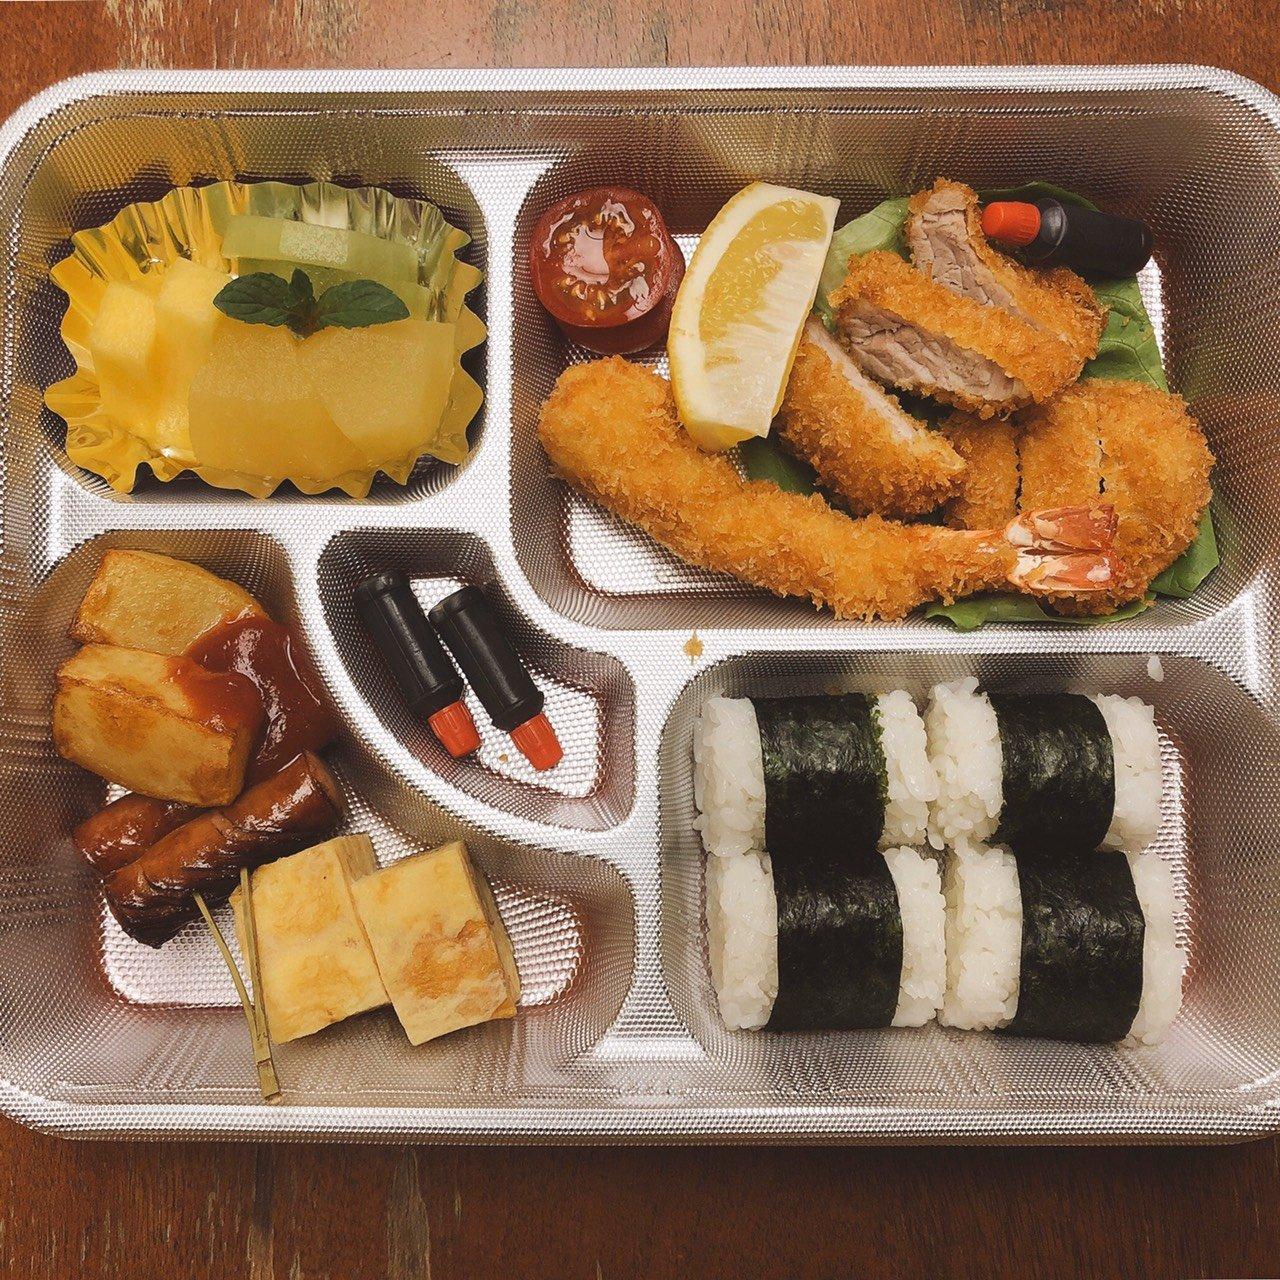 【テイクアウト・出前用】お弁当(お子様用)のイメージその1